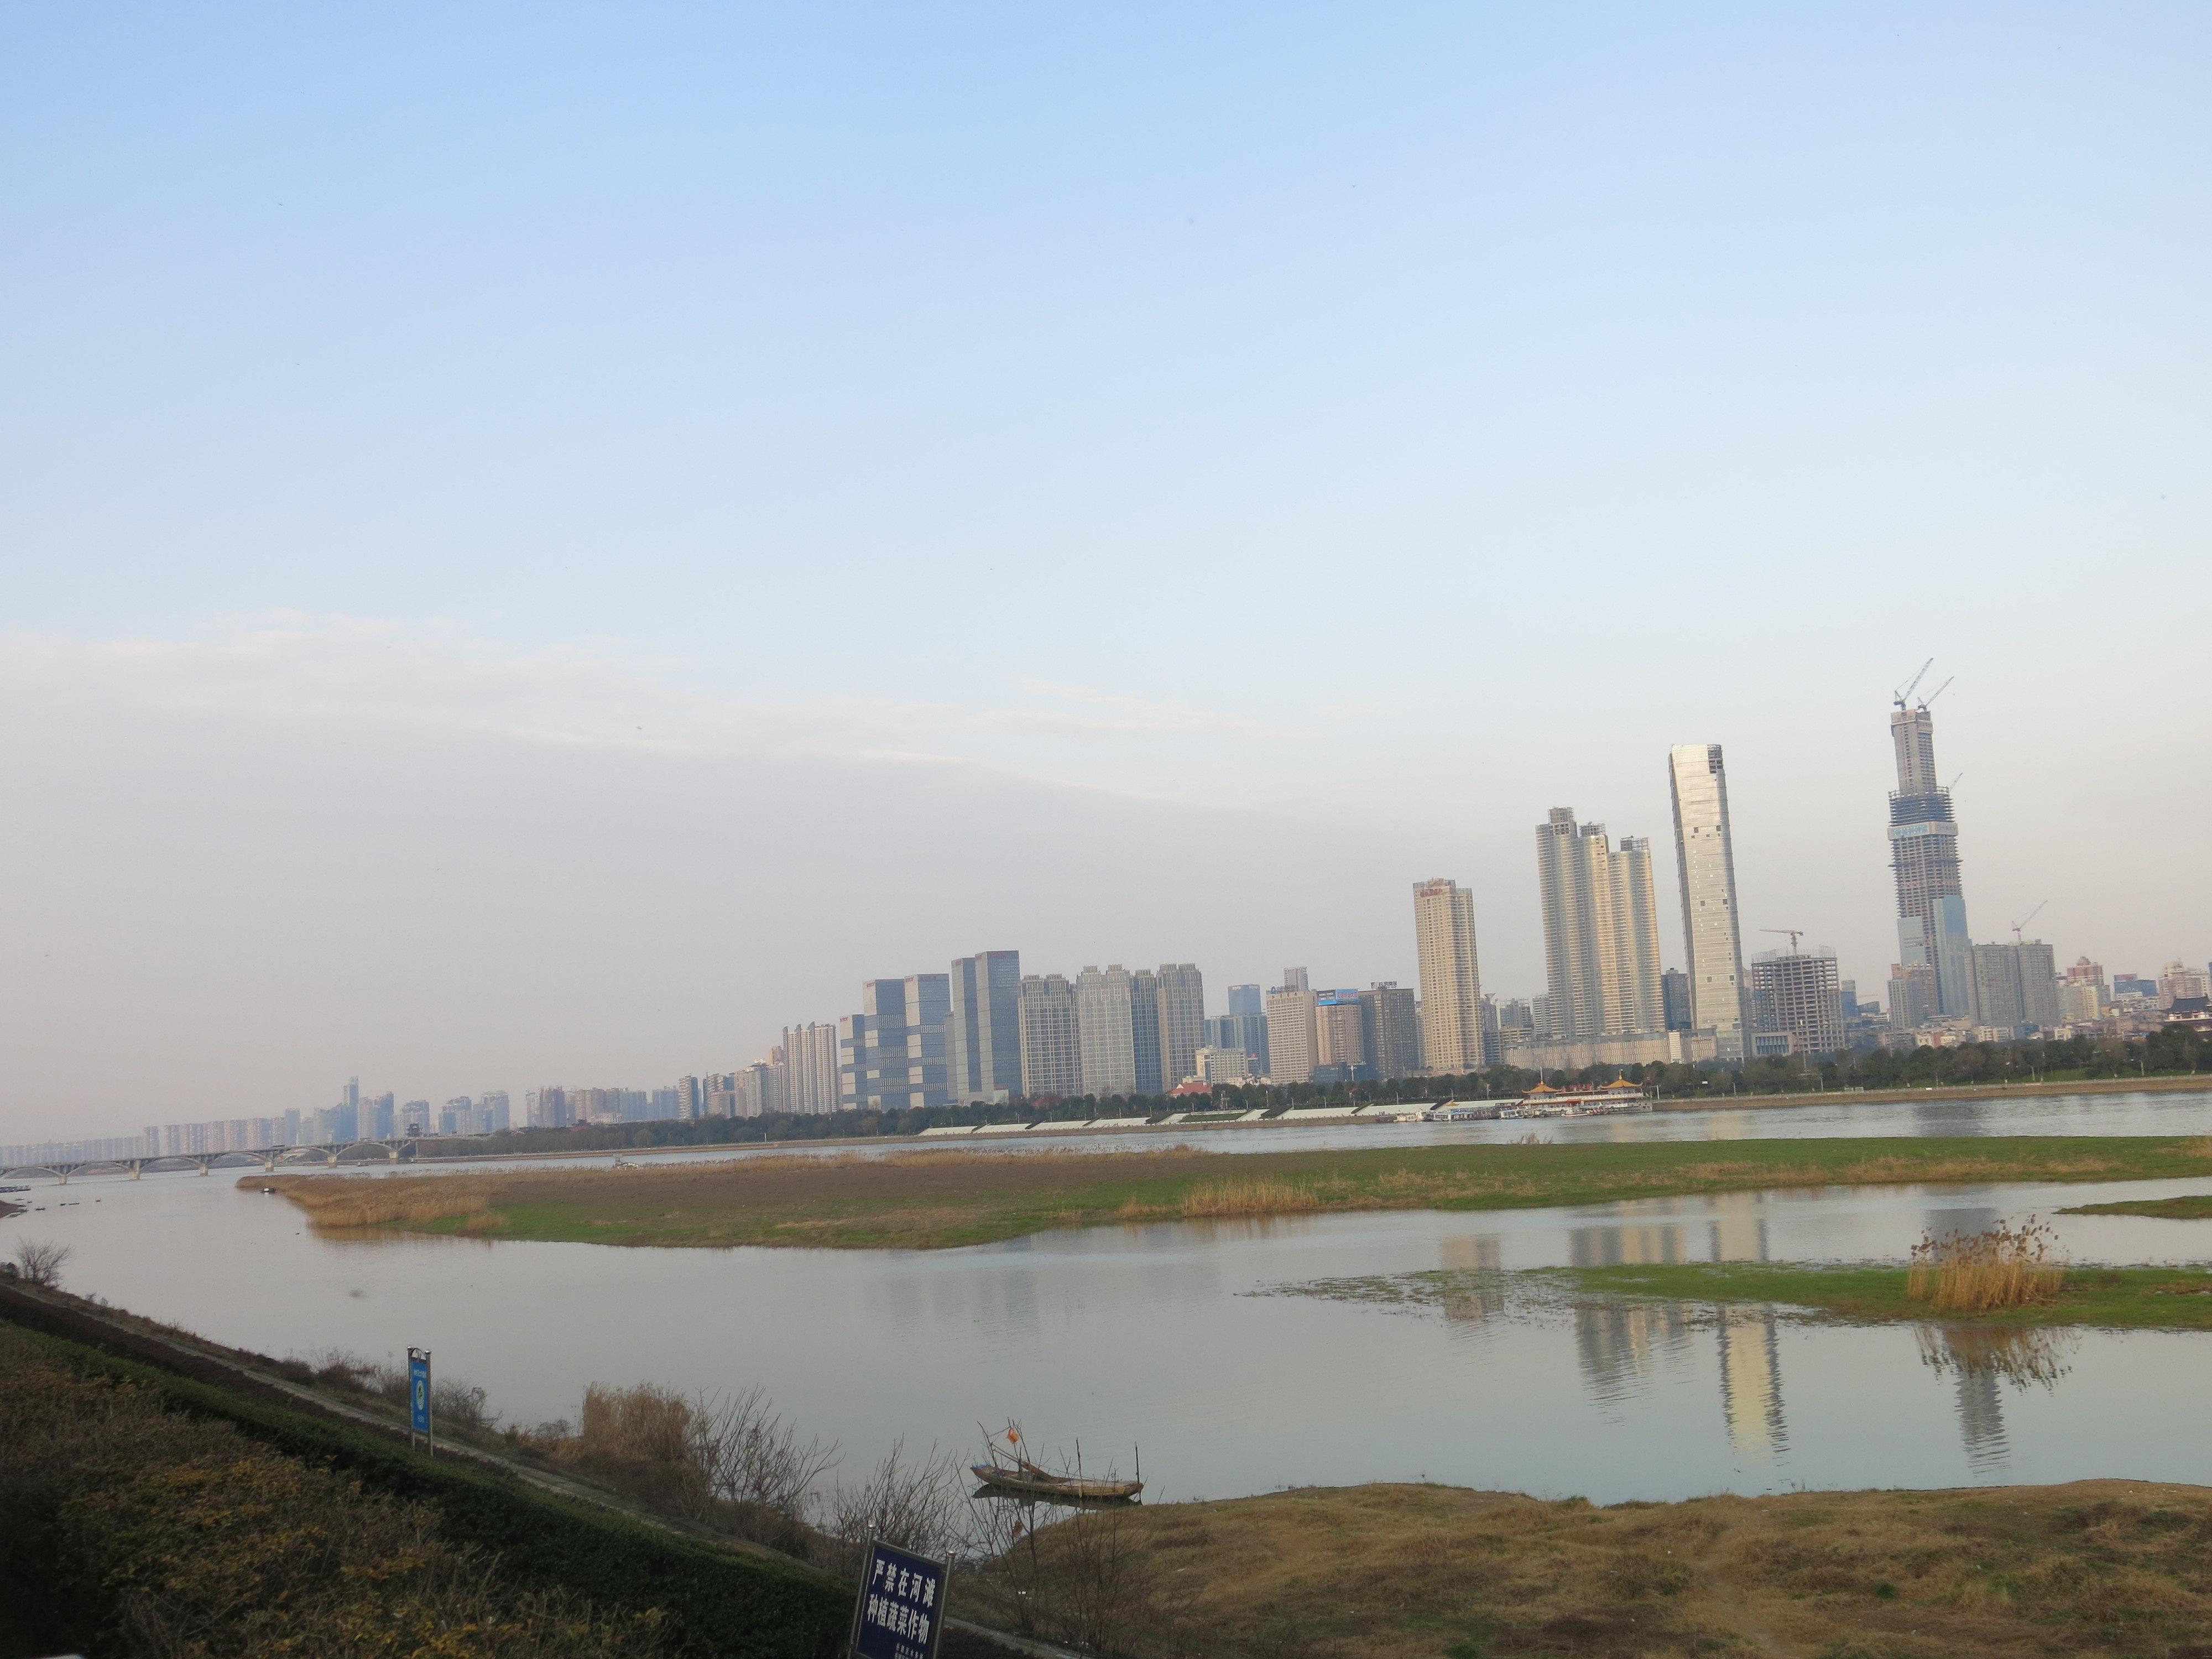 湘江旅游景点攻略图俄罗斯大攻略马戏图片